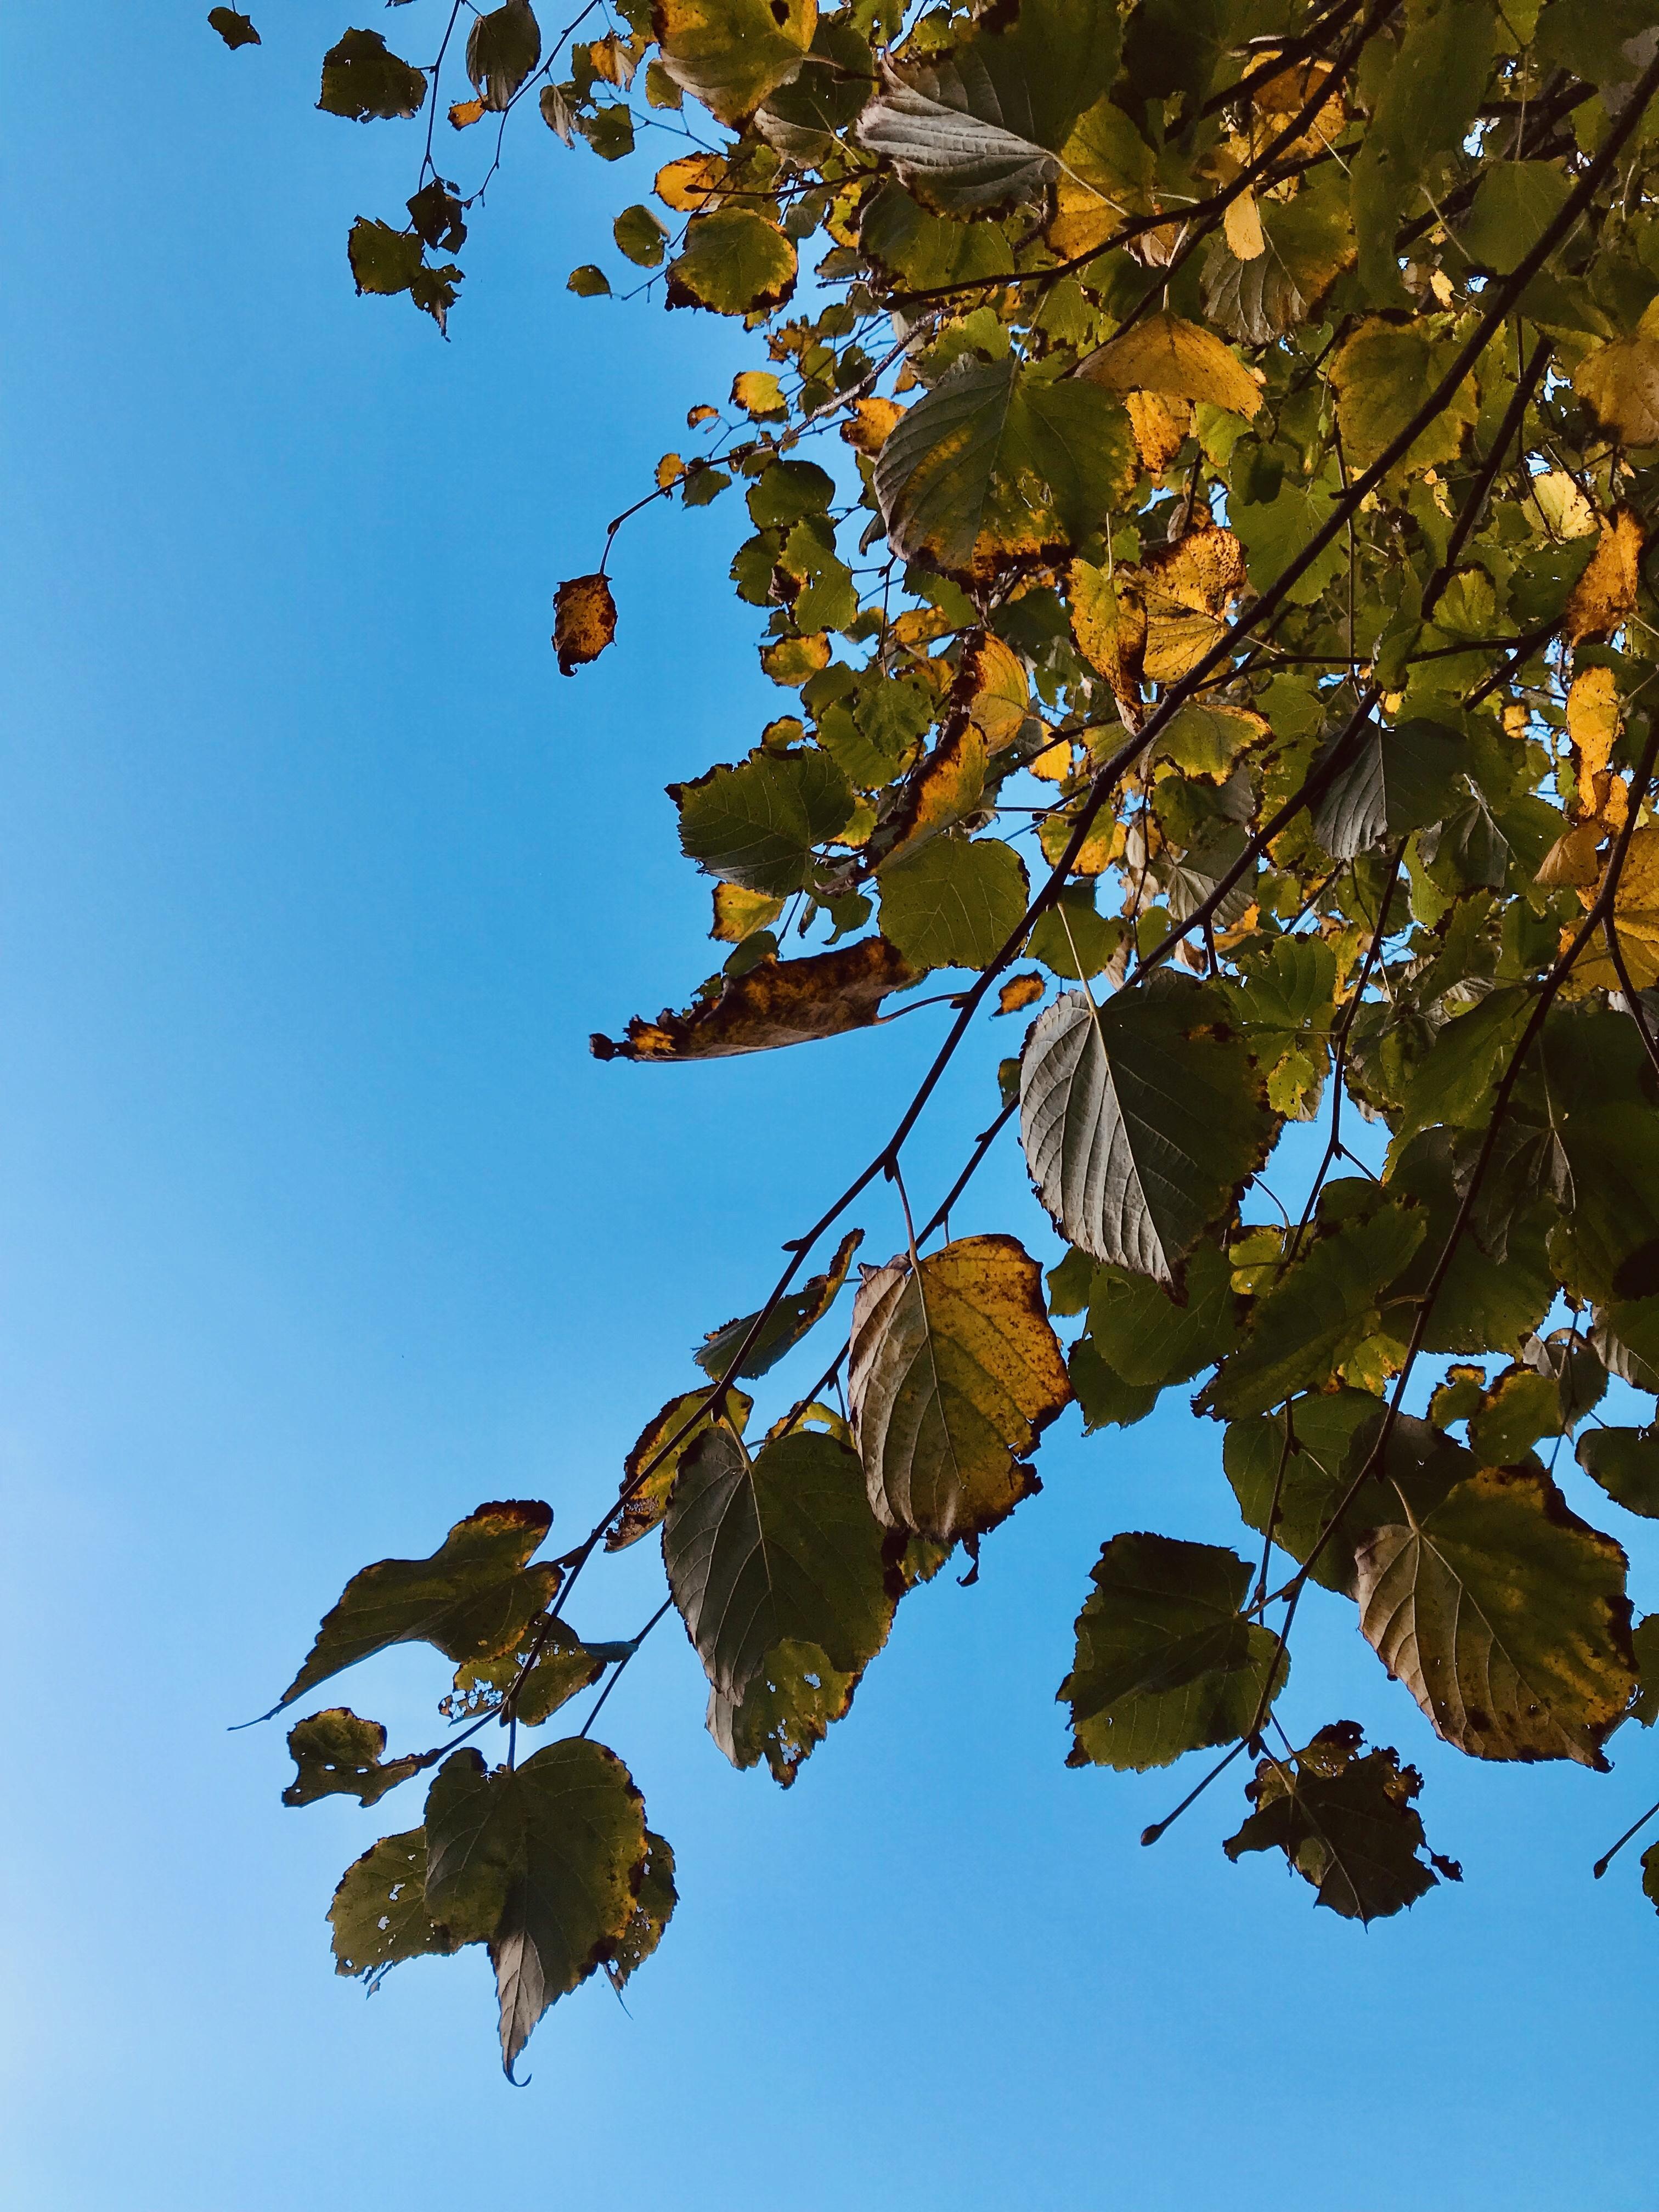 #MySundayPhoto - Autumn Song